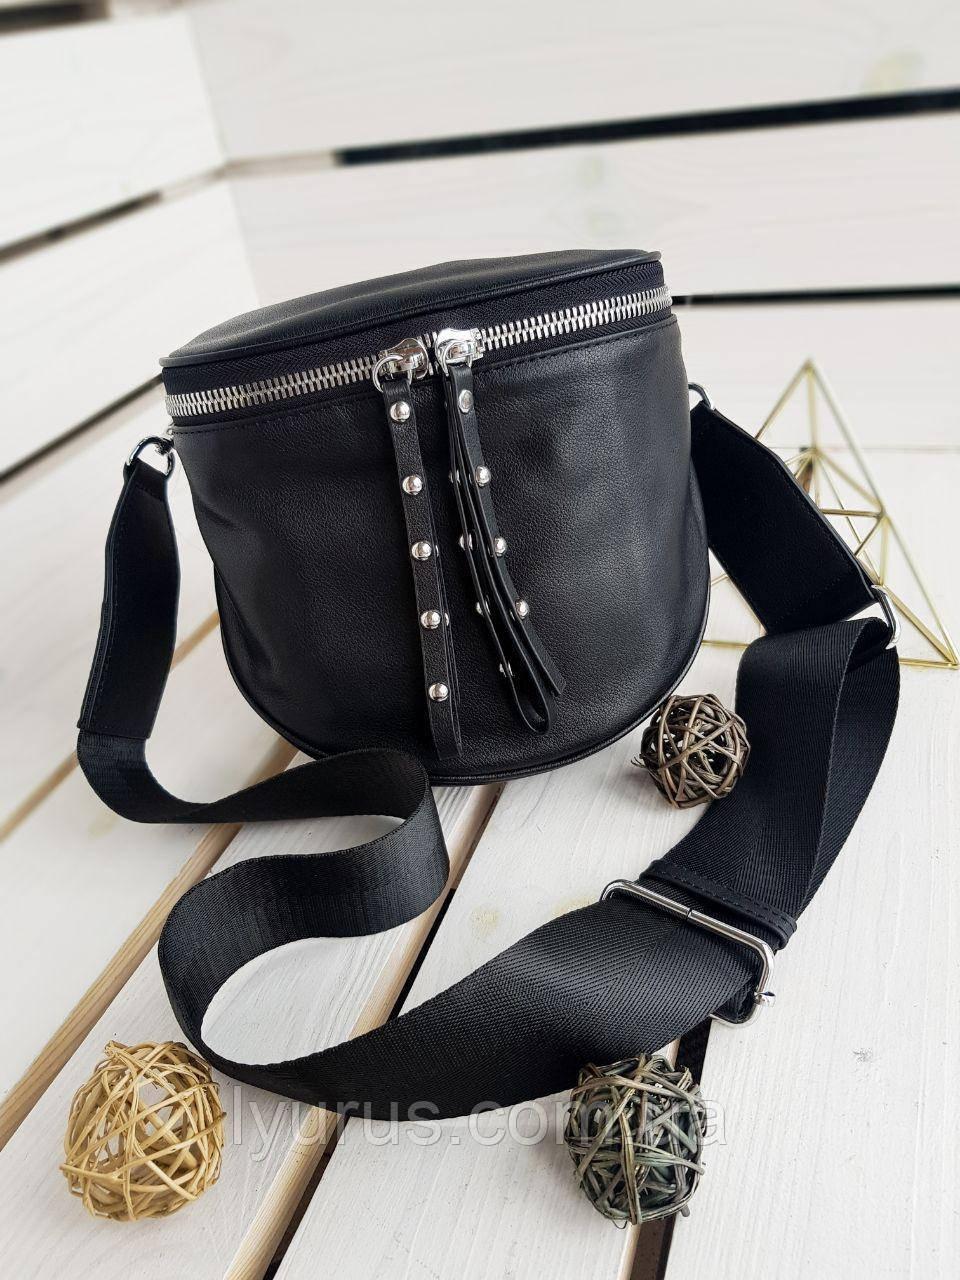 Кожаная женская сумка размером 19х17х10 см Черная (01140)